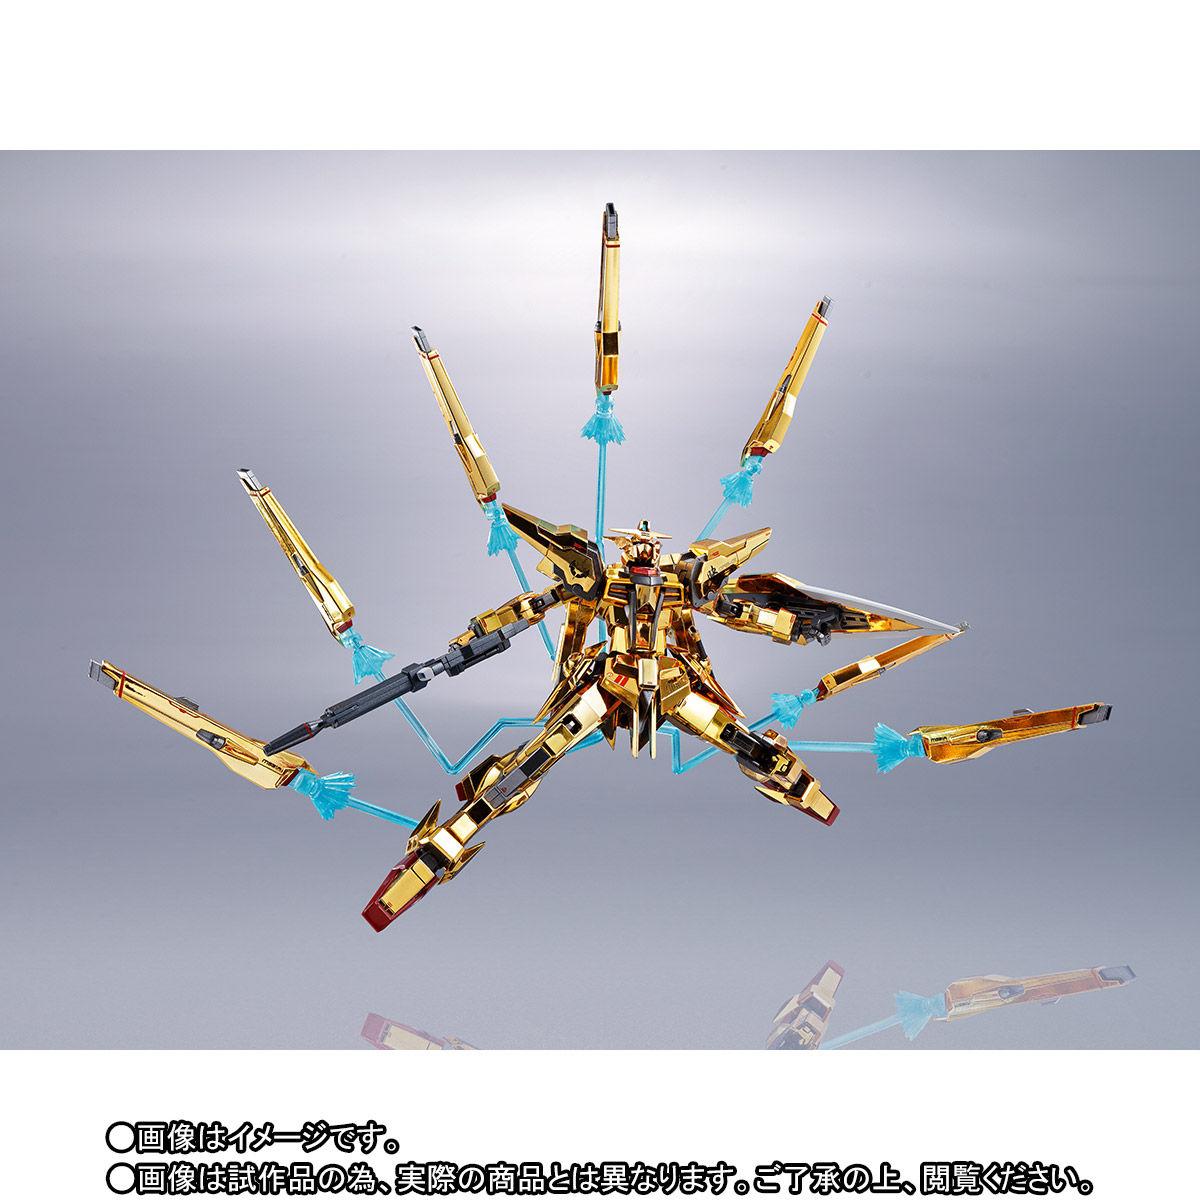 【限定販売】METAL ROBOT魂〈SIDE MS〉『アカツキガンダム(シラヌイ装備)』機動戦士ガンダムSEED DESTINY 可動フィギュア-007